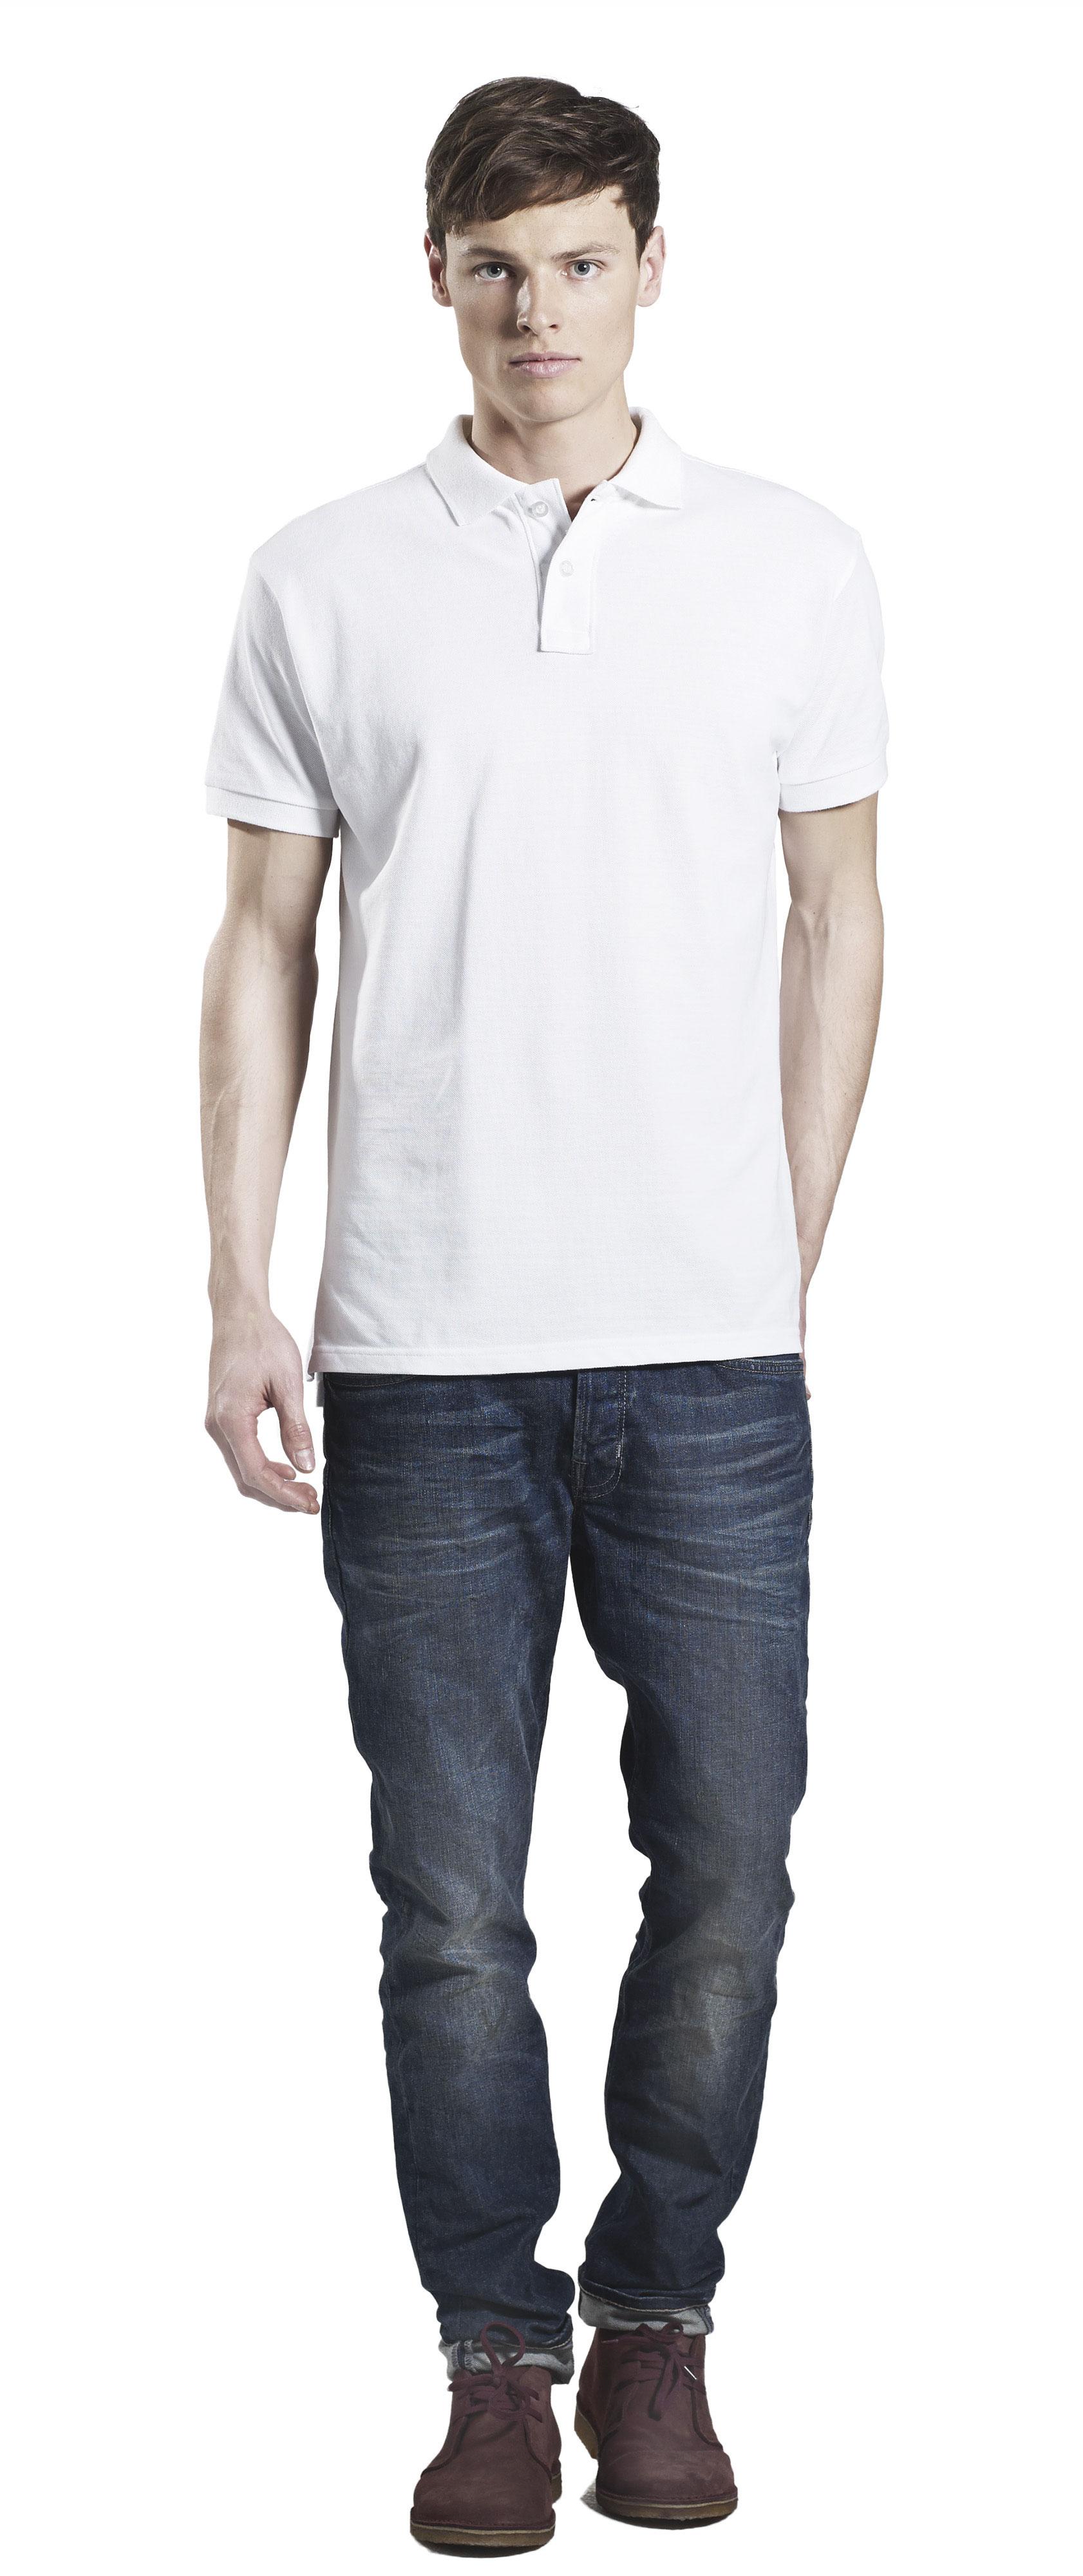 5f88c0e7f04 Biokatoen & Bamboe t-shirts, duurzame mode, fairtrade - Bello&Eco